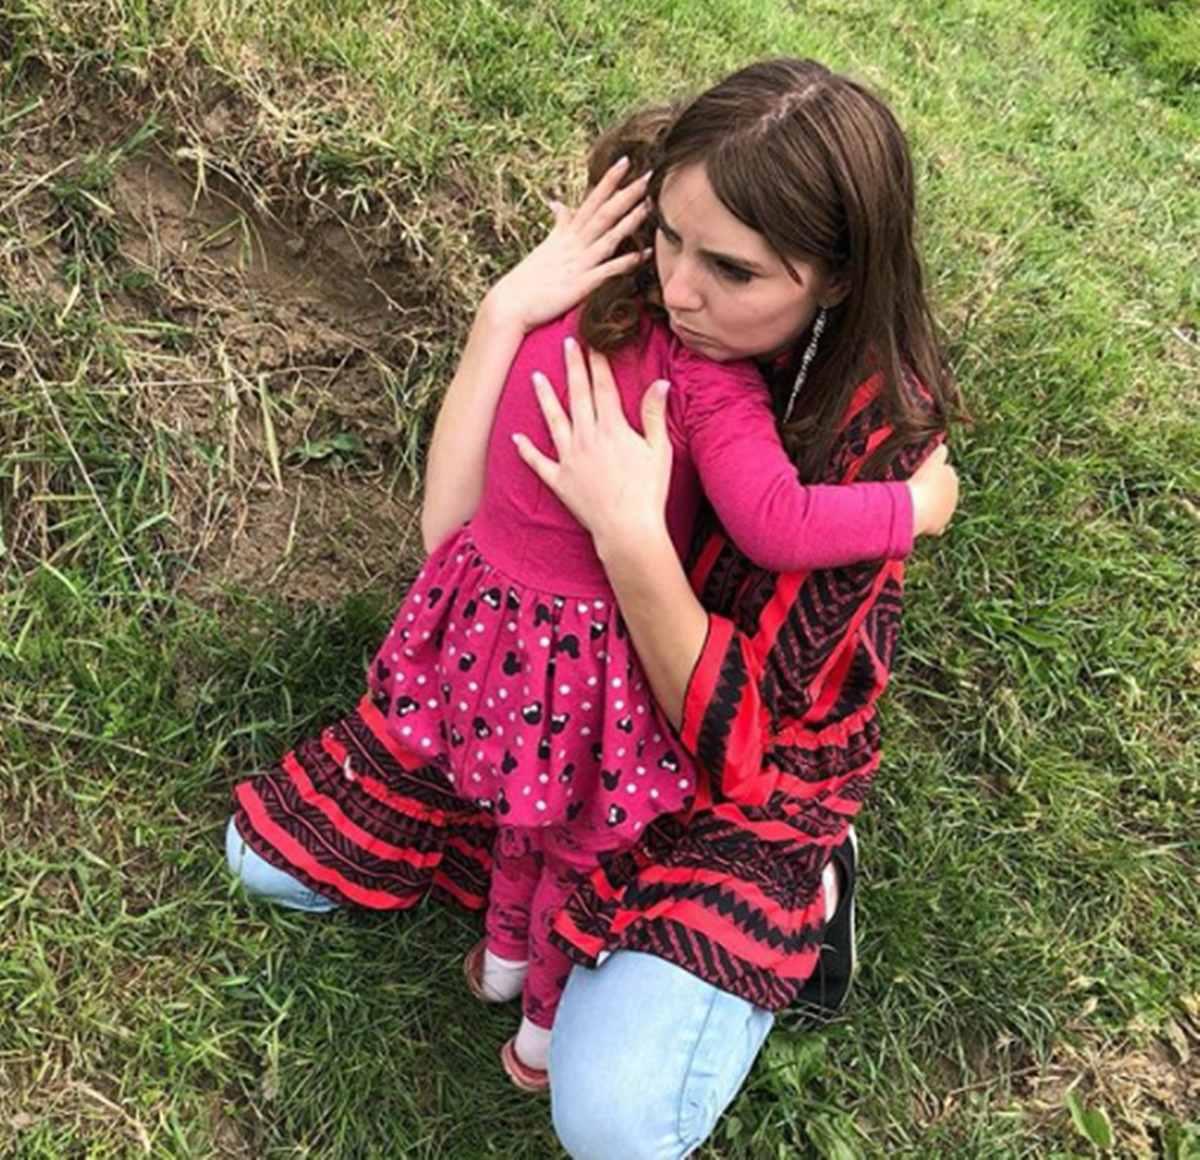 """Imagine emoționantă cu Vulpița îmbrățișându-și fiica! Tânăra și-a revăzut fetița după o lungă perioadă. """"O iubesc"""""""